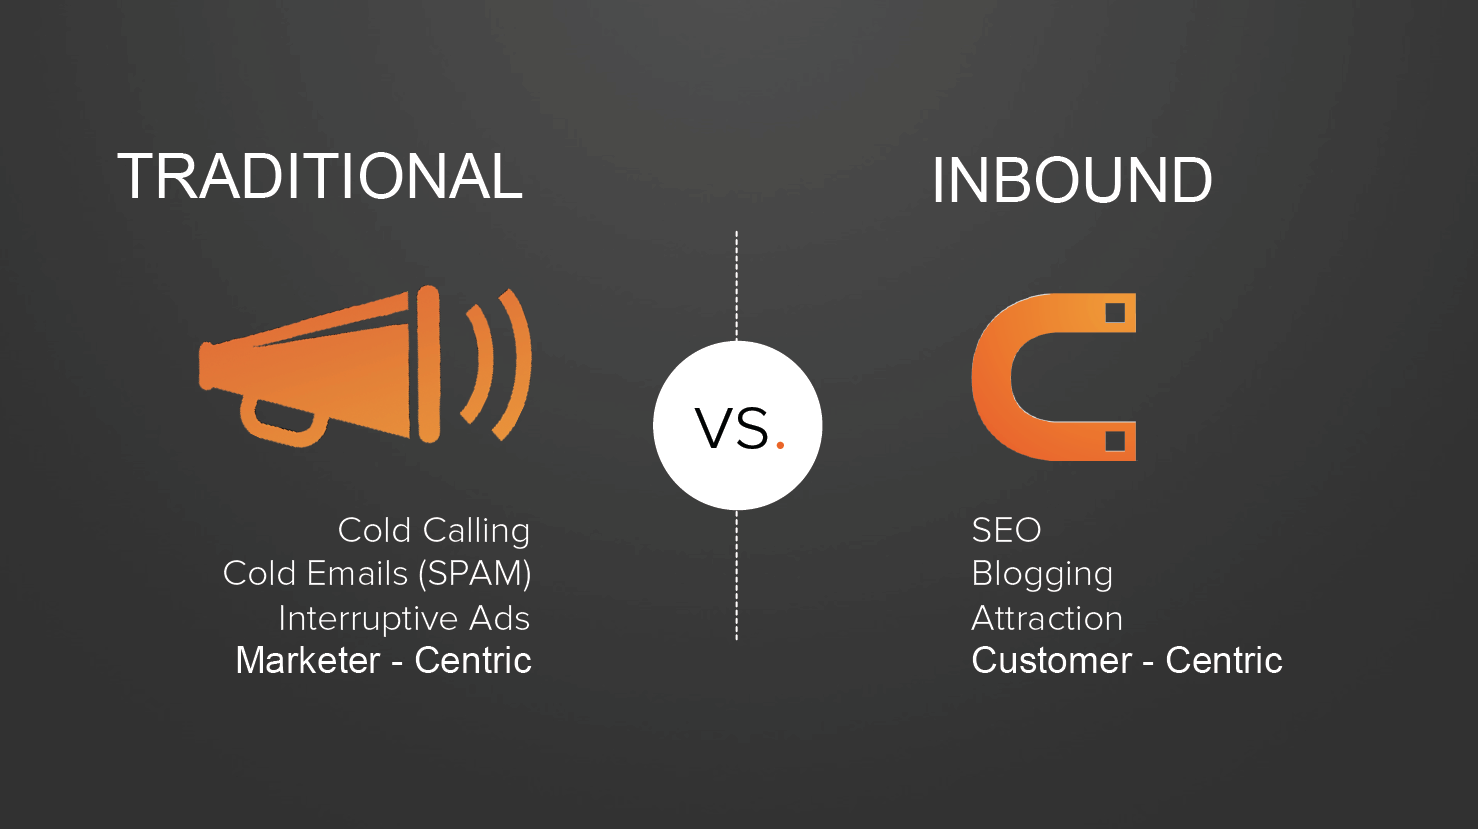 traditional marketing versus inbound marketing